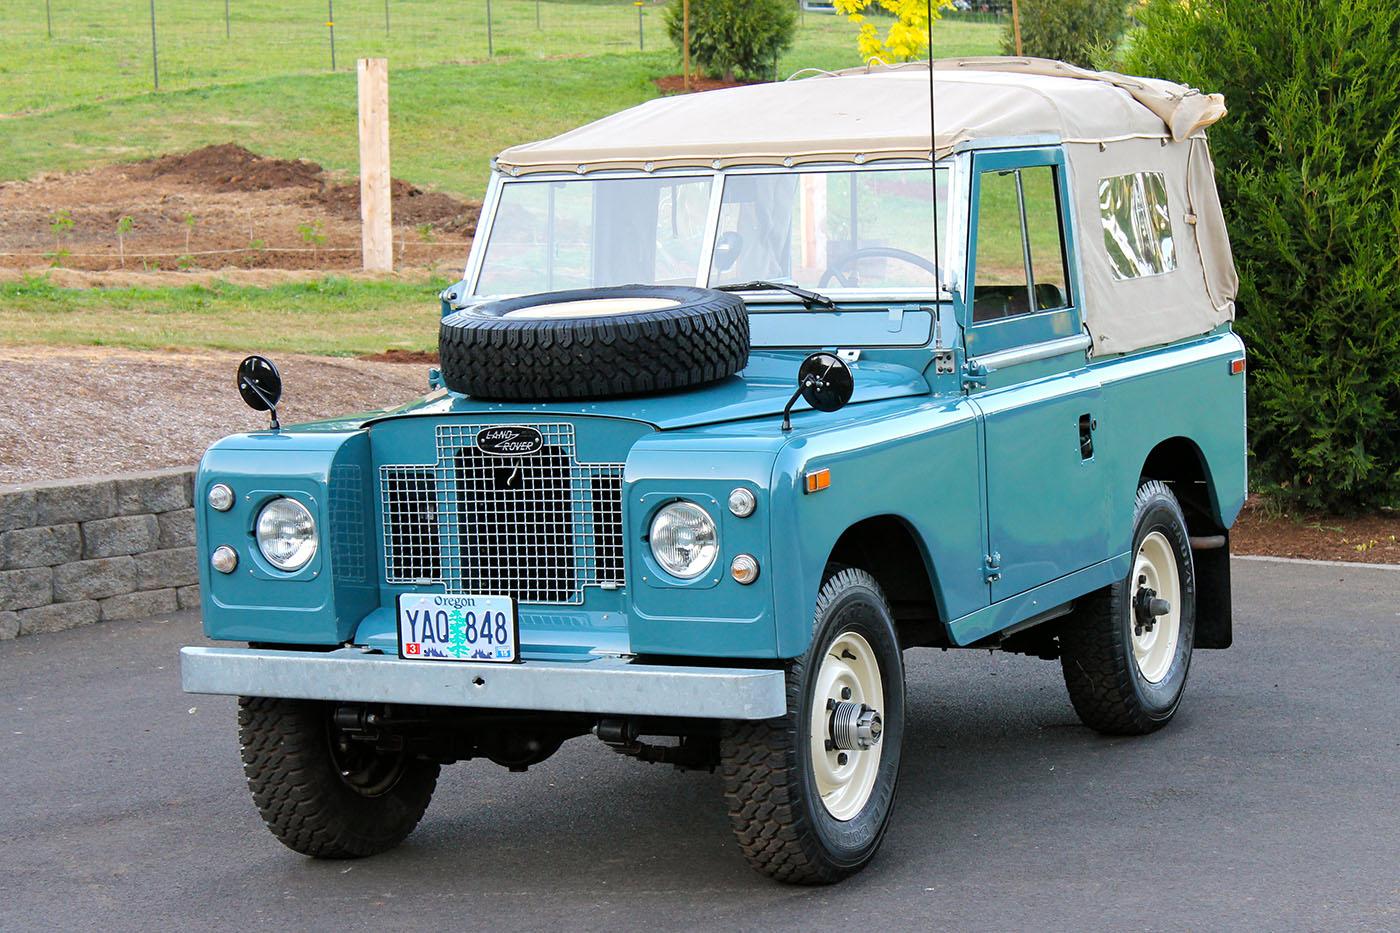 land rover series iii 1971 - 1985 suv 5 door :: outstanding cars